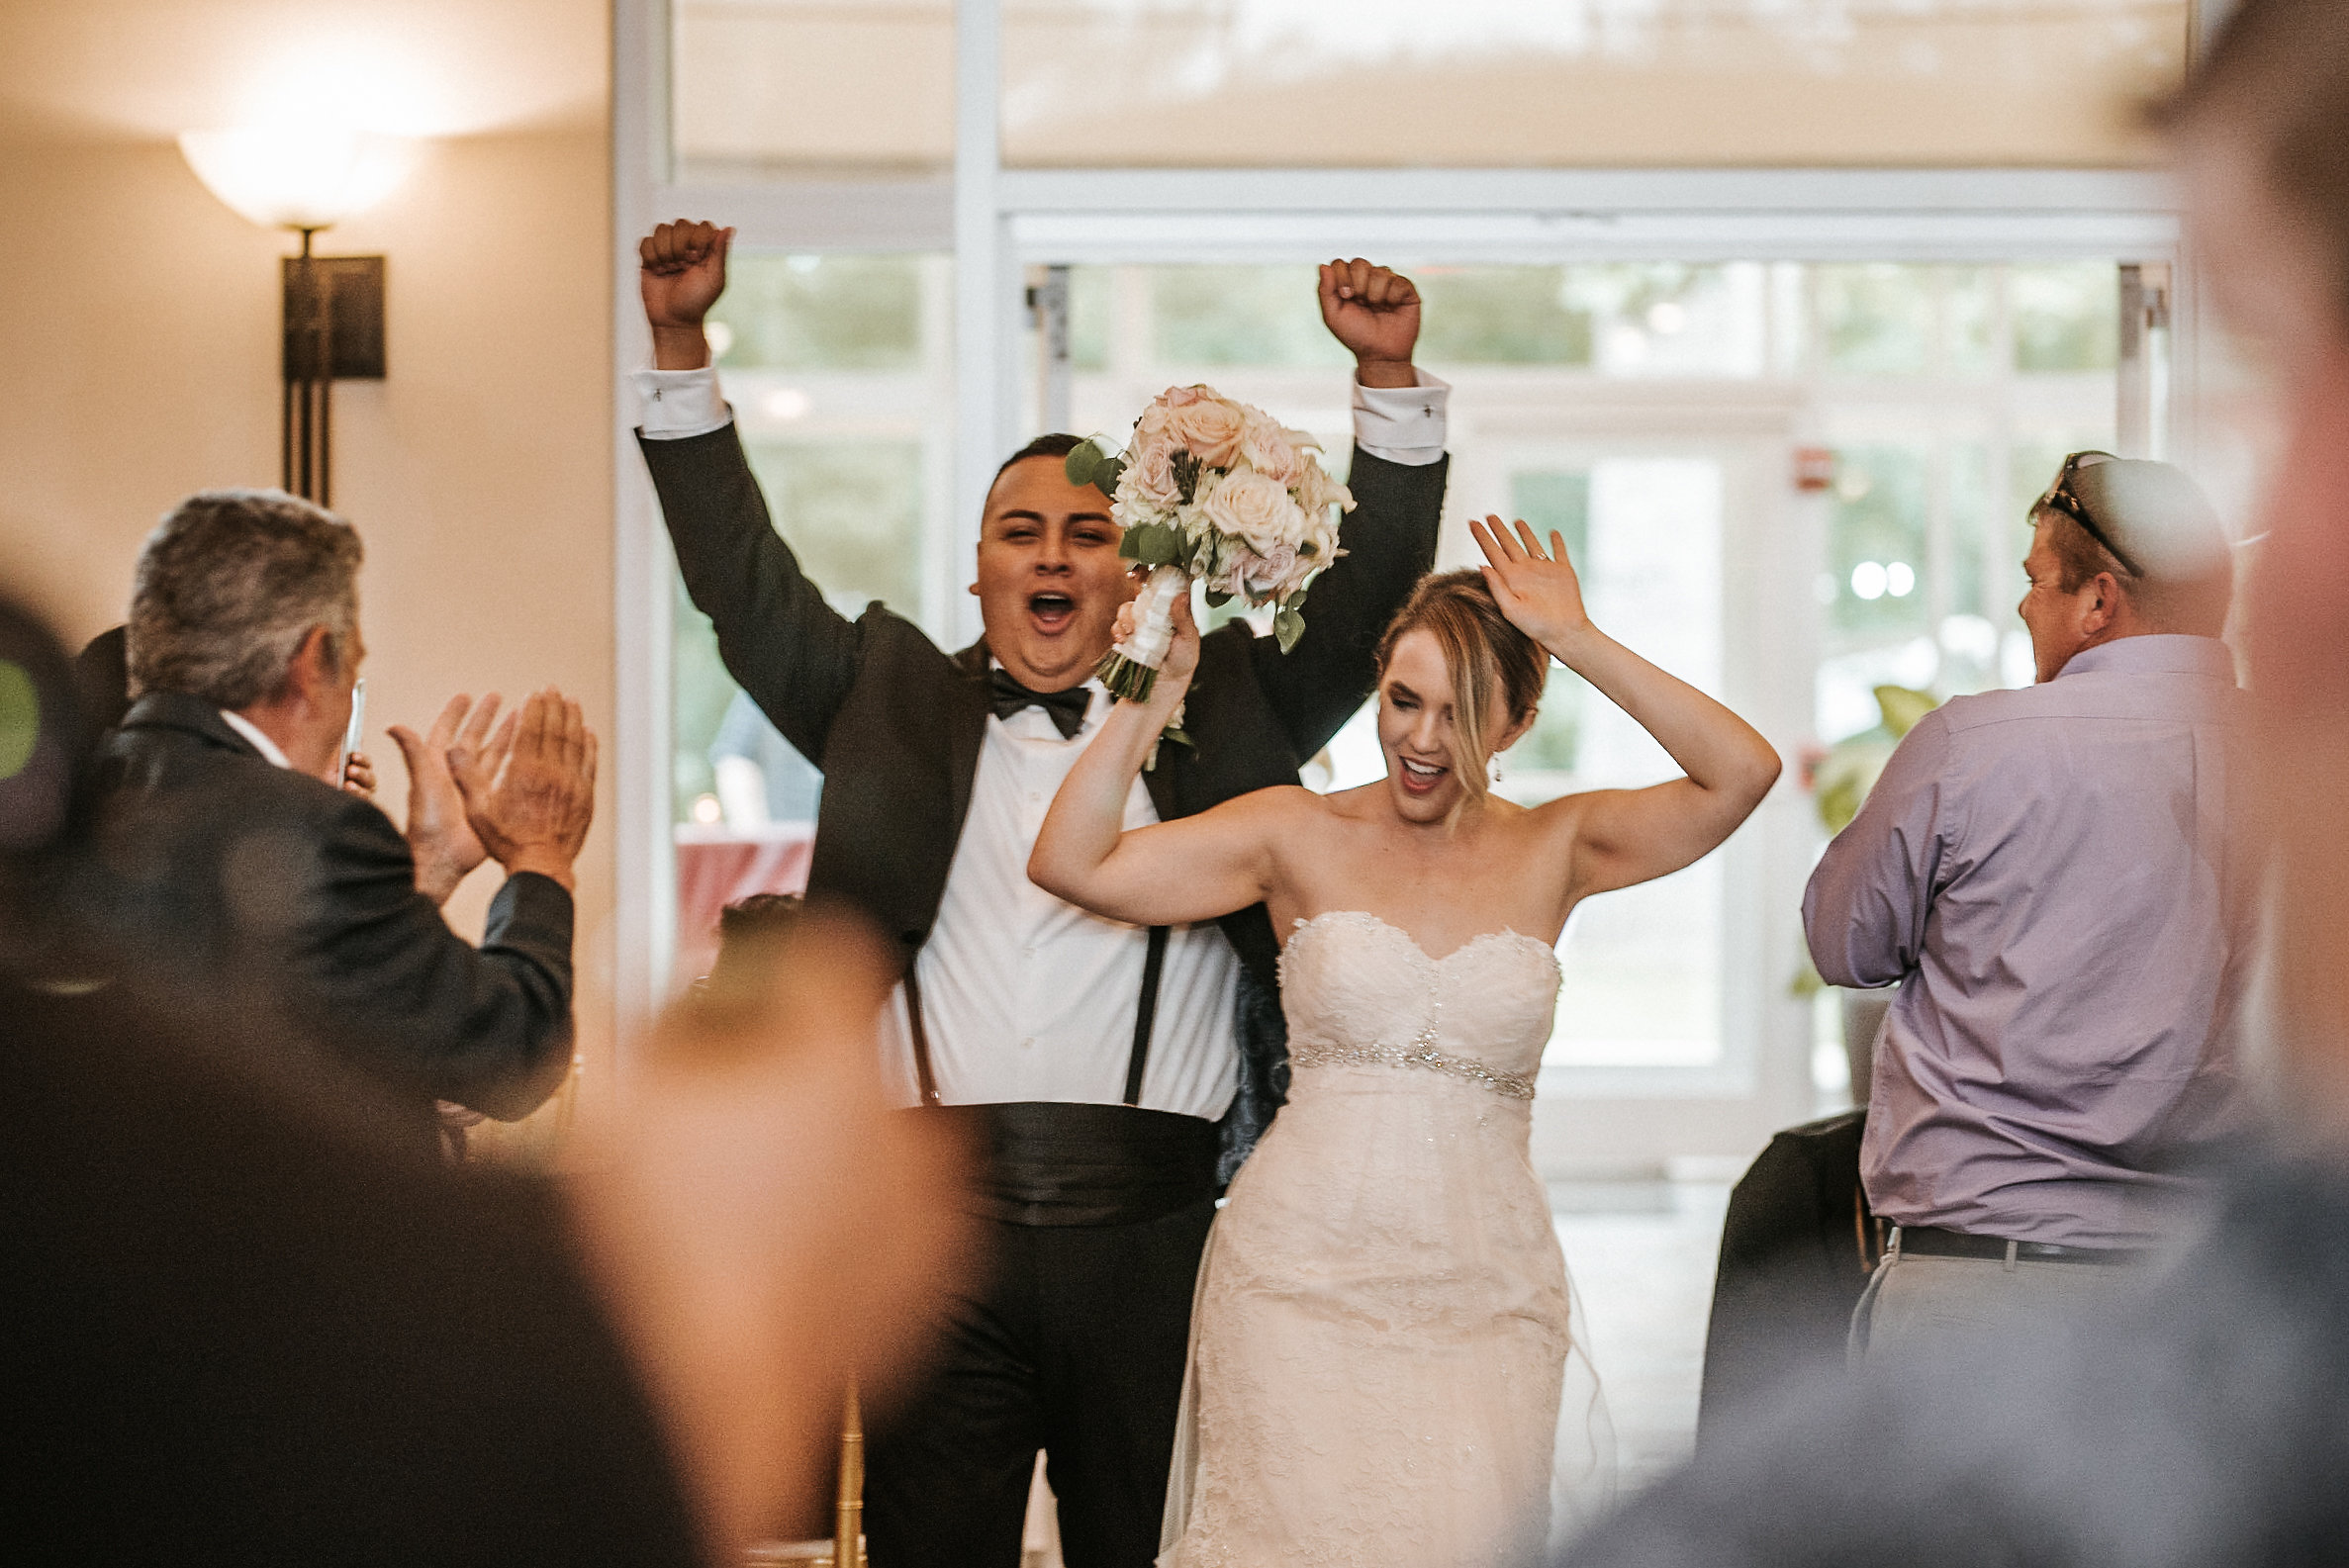 Bride and groom enetering reception